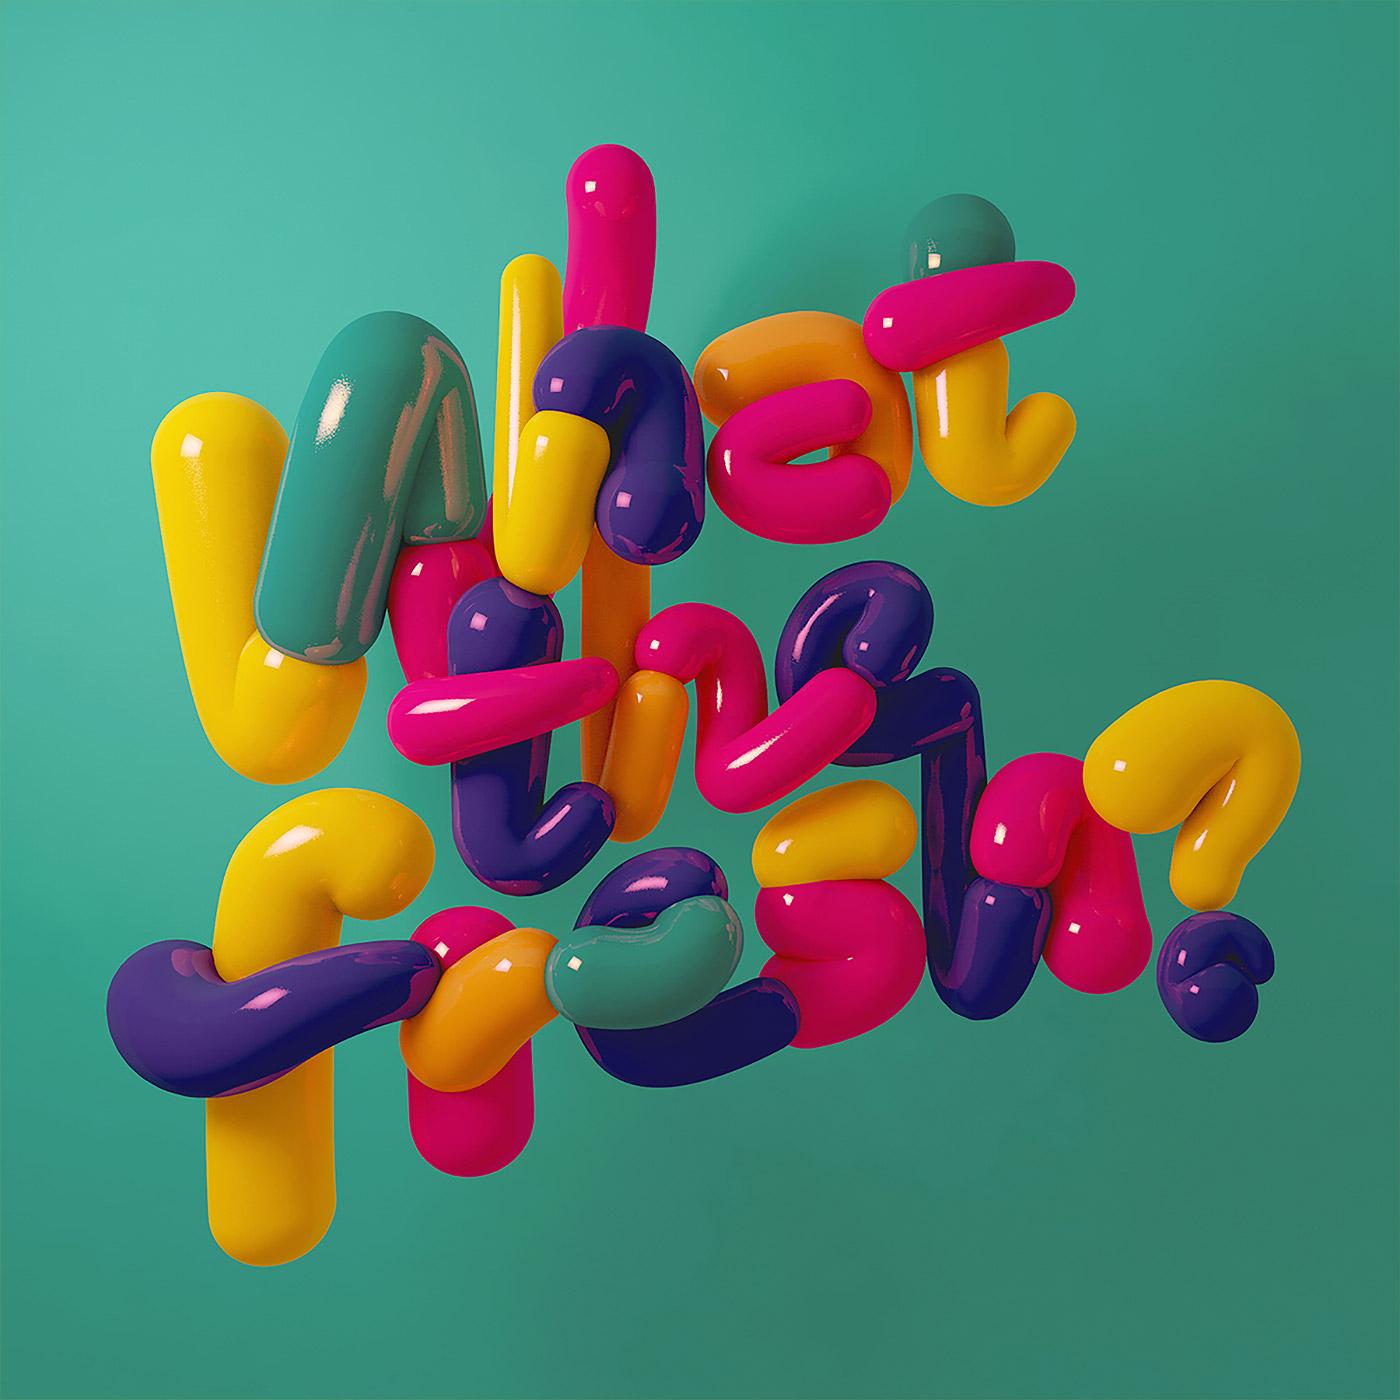 typography-carlo-cadenas-04.jpg